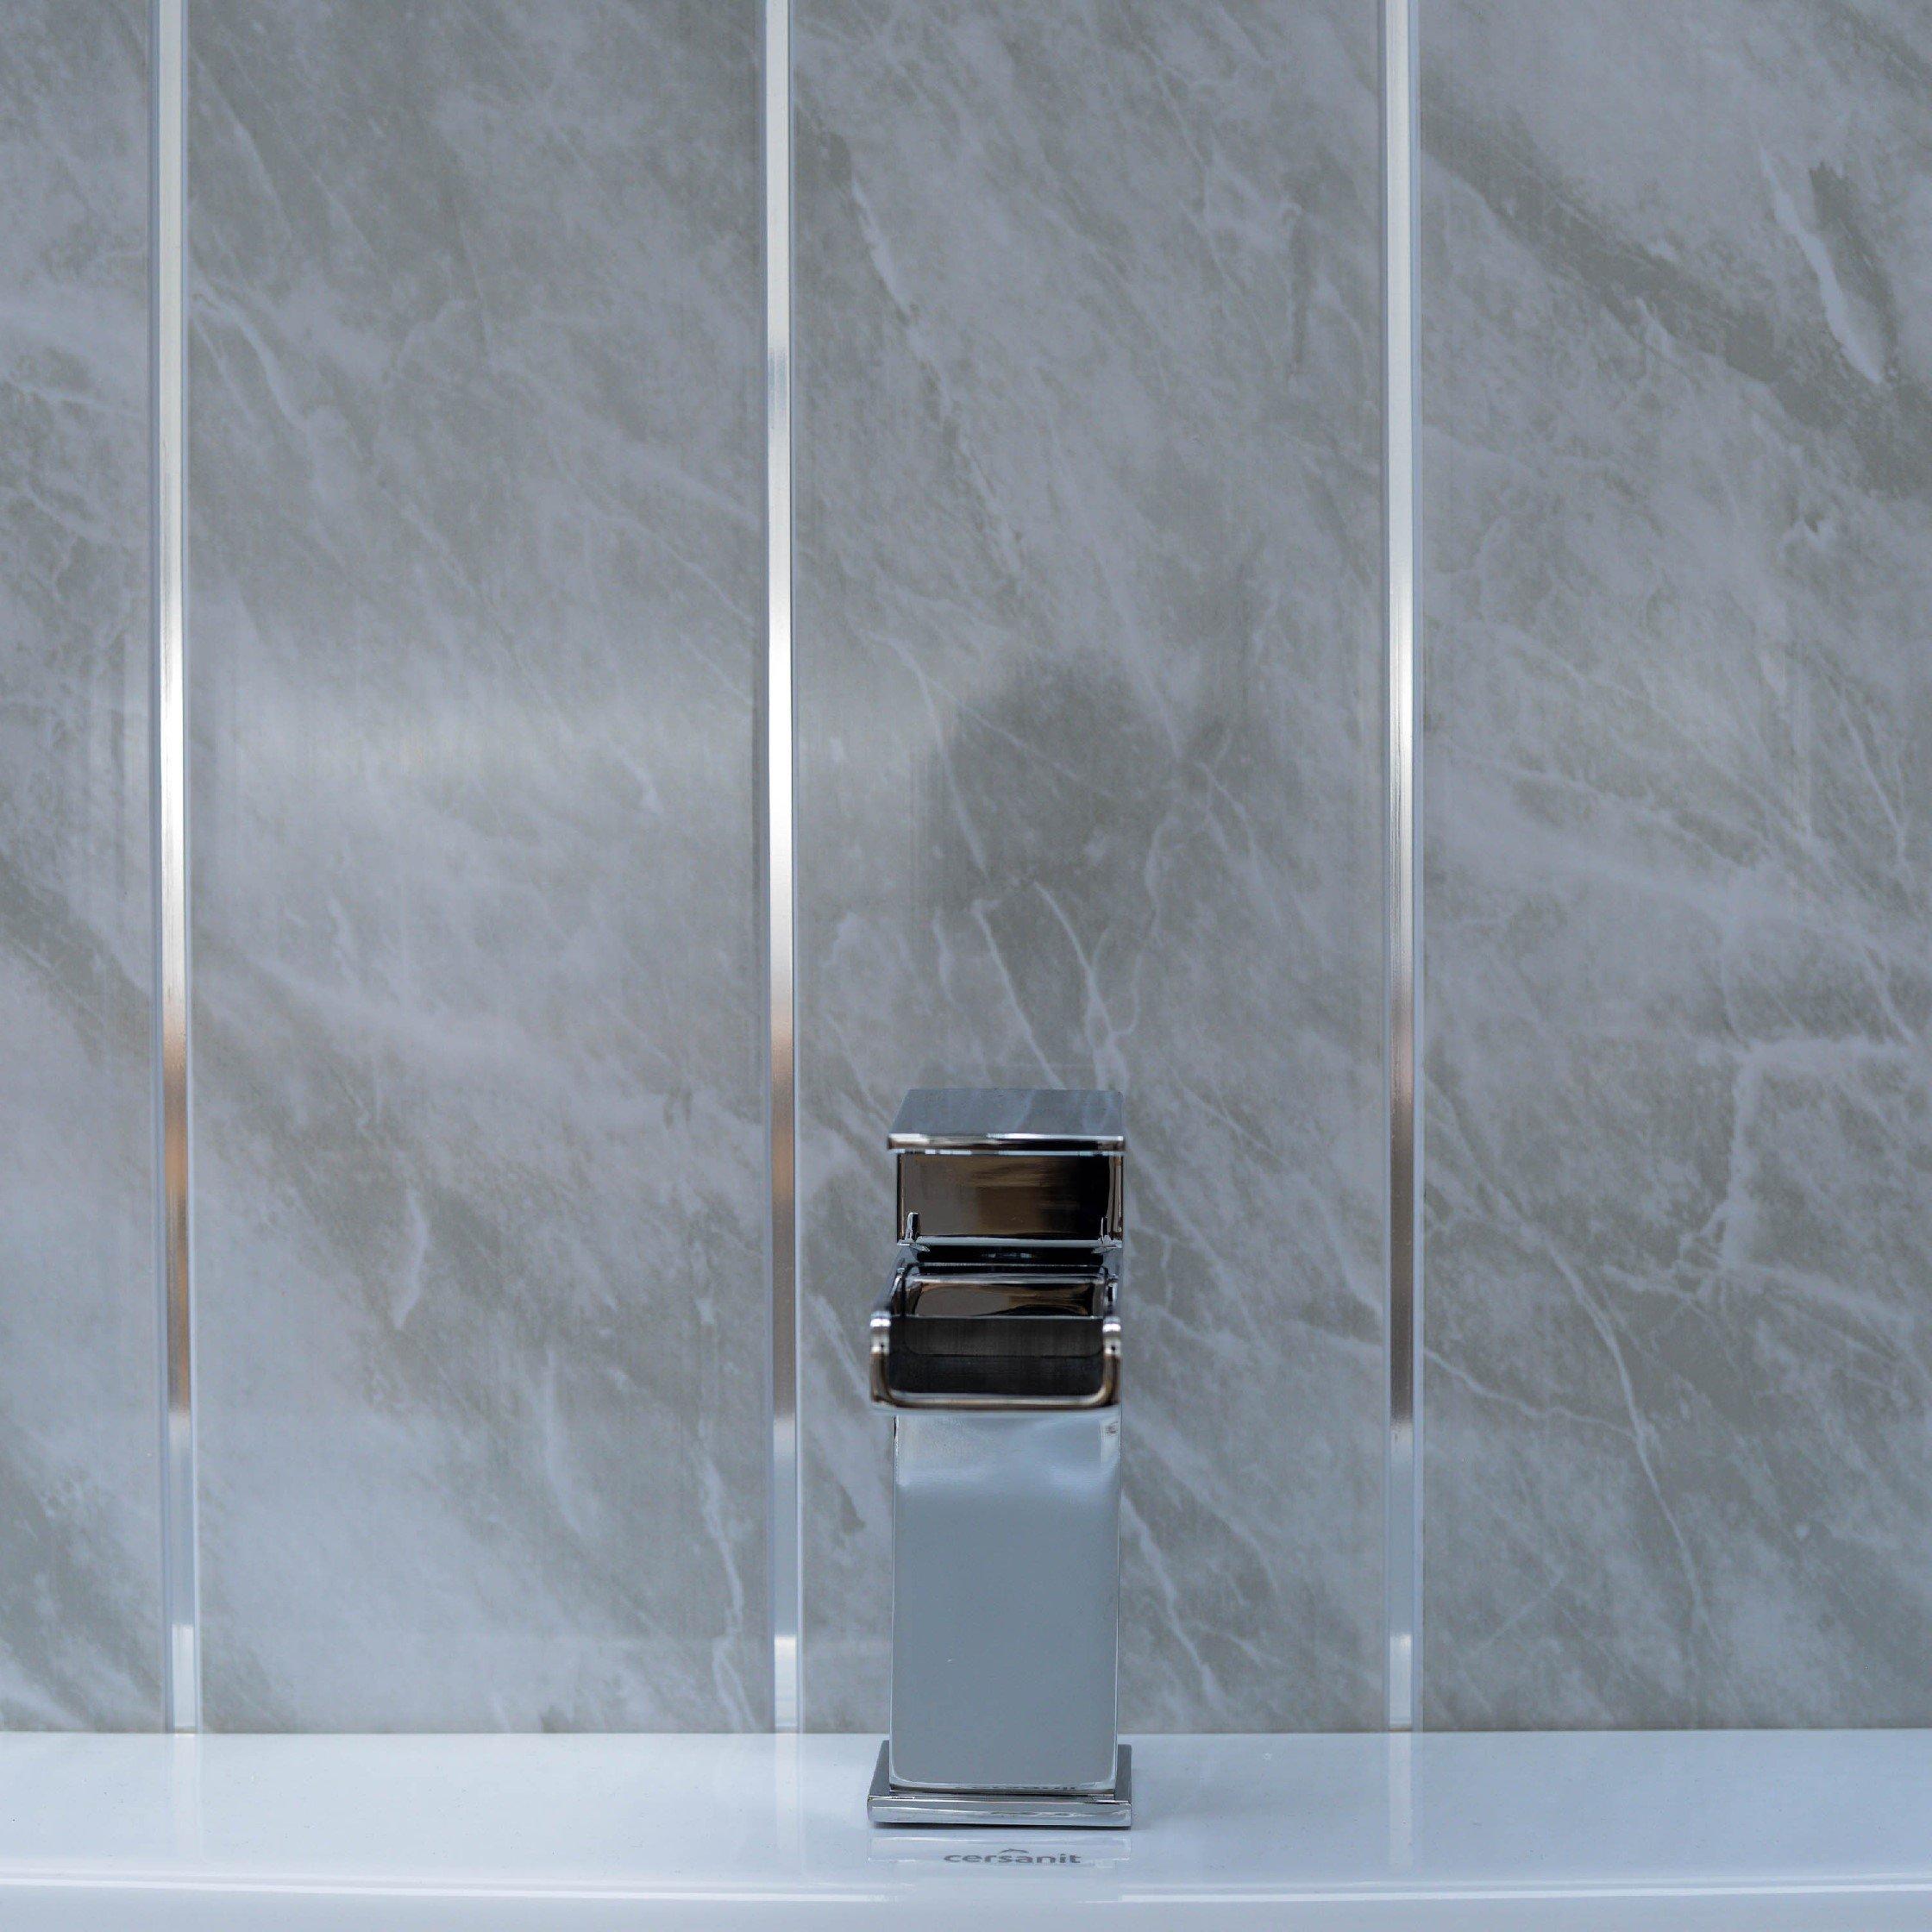 bathroom wall panels amazon co uk rh amazon co uk bathroom wood paneling for walls fiberglass panels for bathroom walls